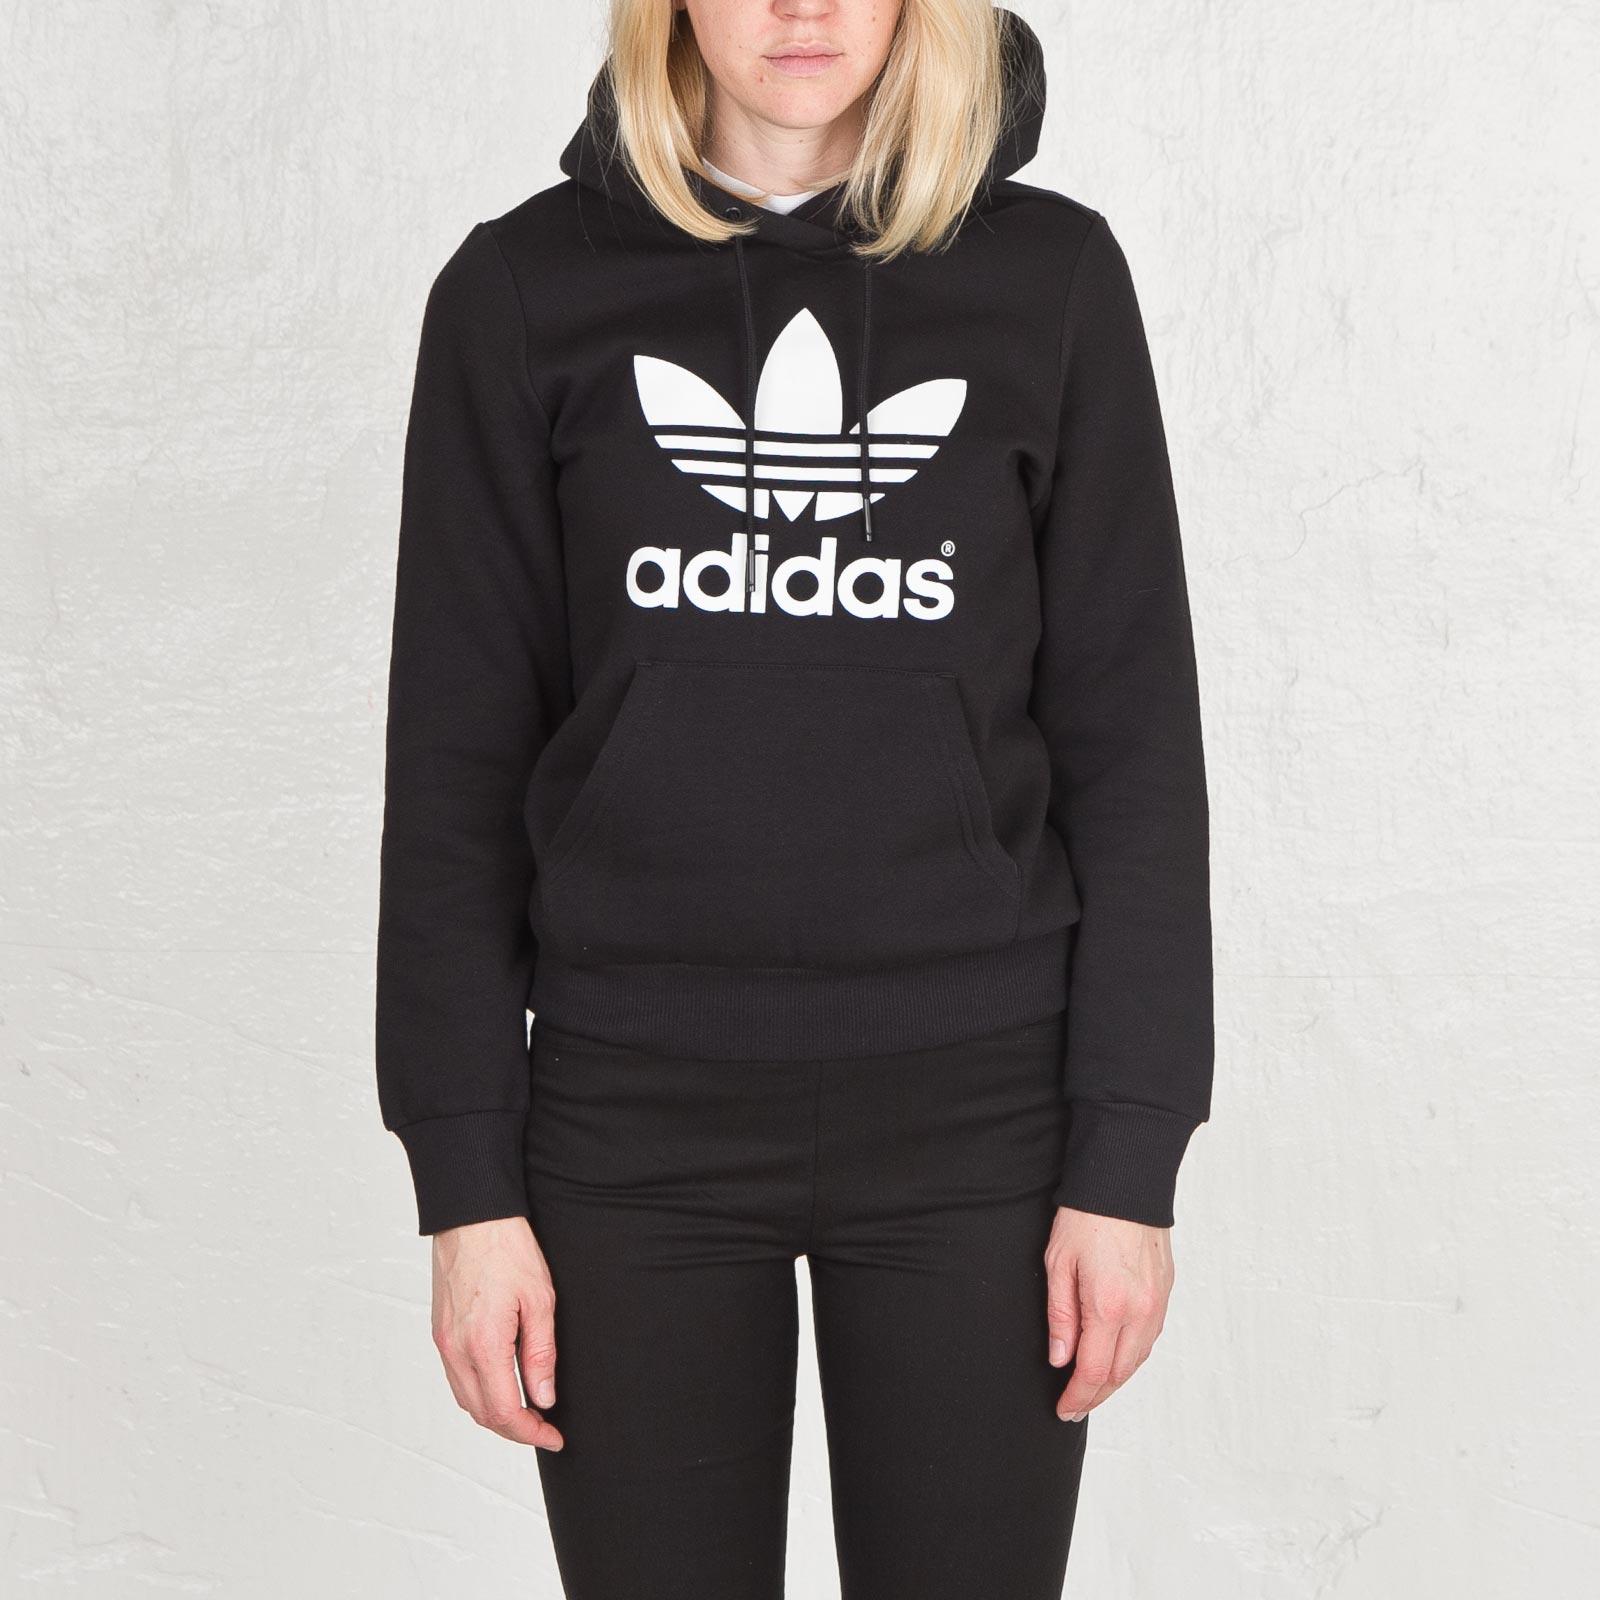 adidas TRF Hoodie (grau weiß) | 43einhalb Sneaker Store